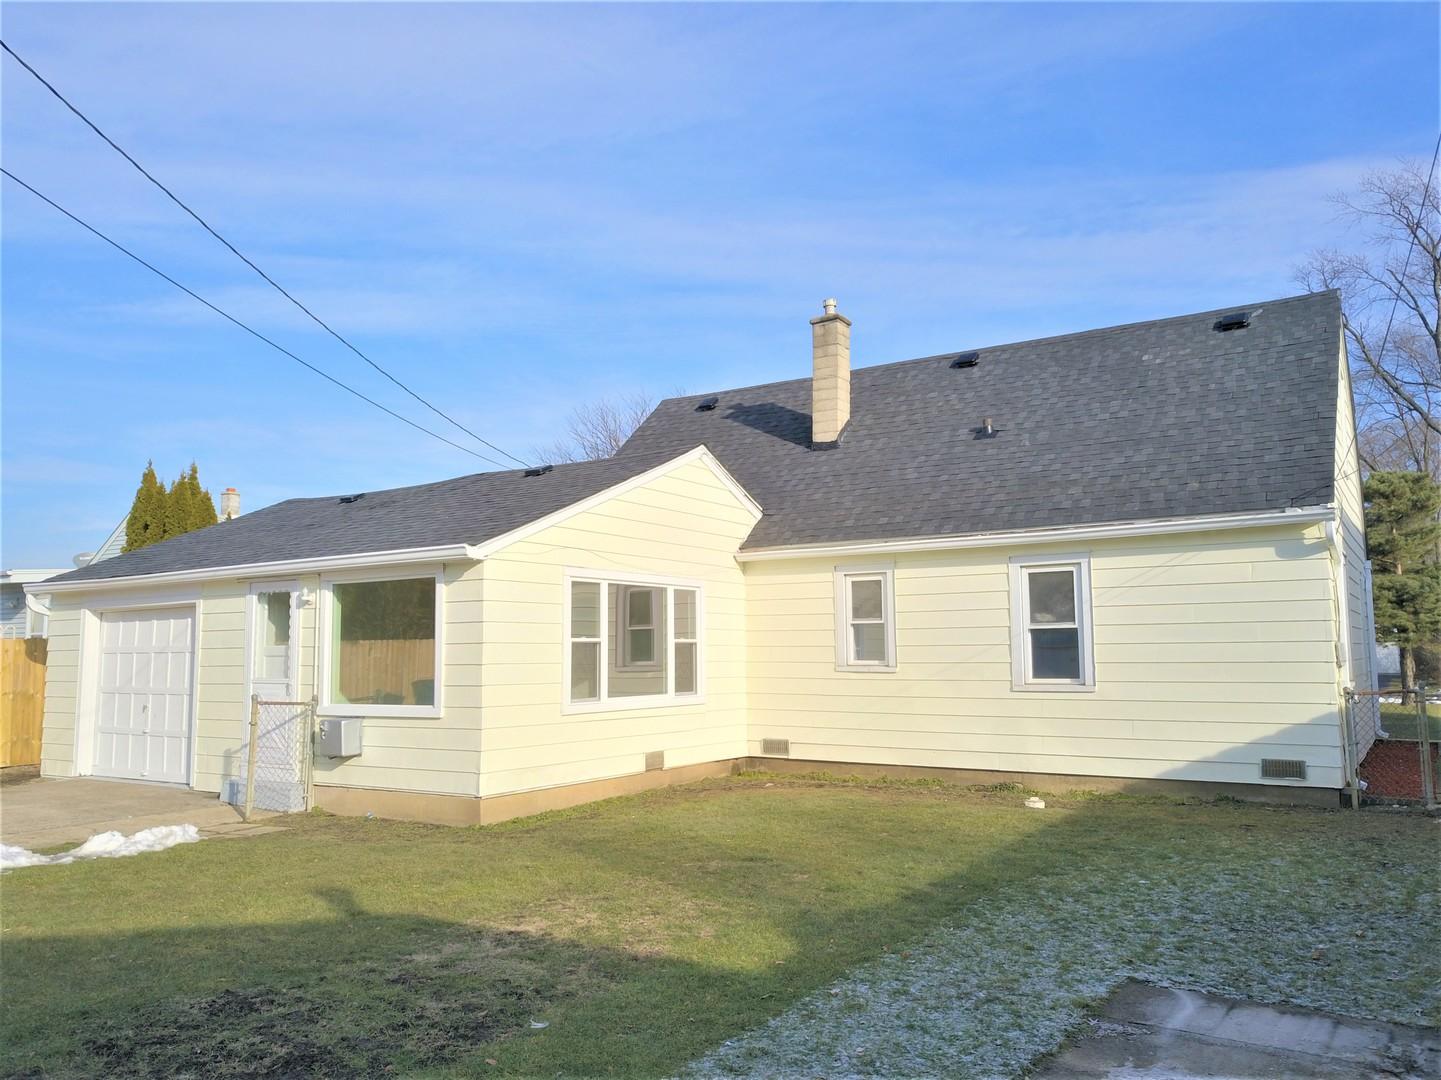 346 Addison ,Bensenville, Illinois 60106